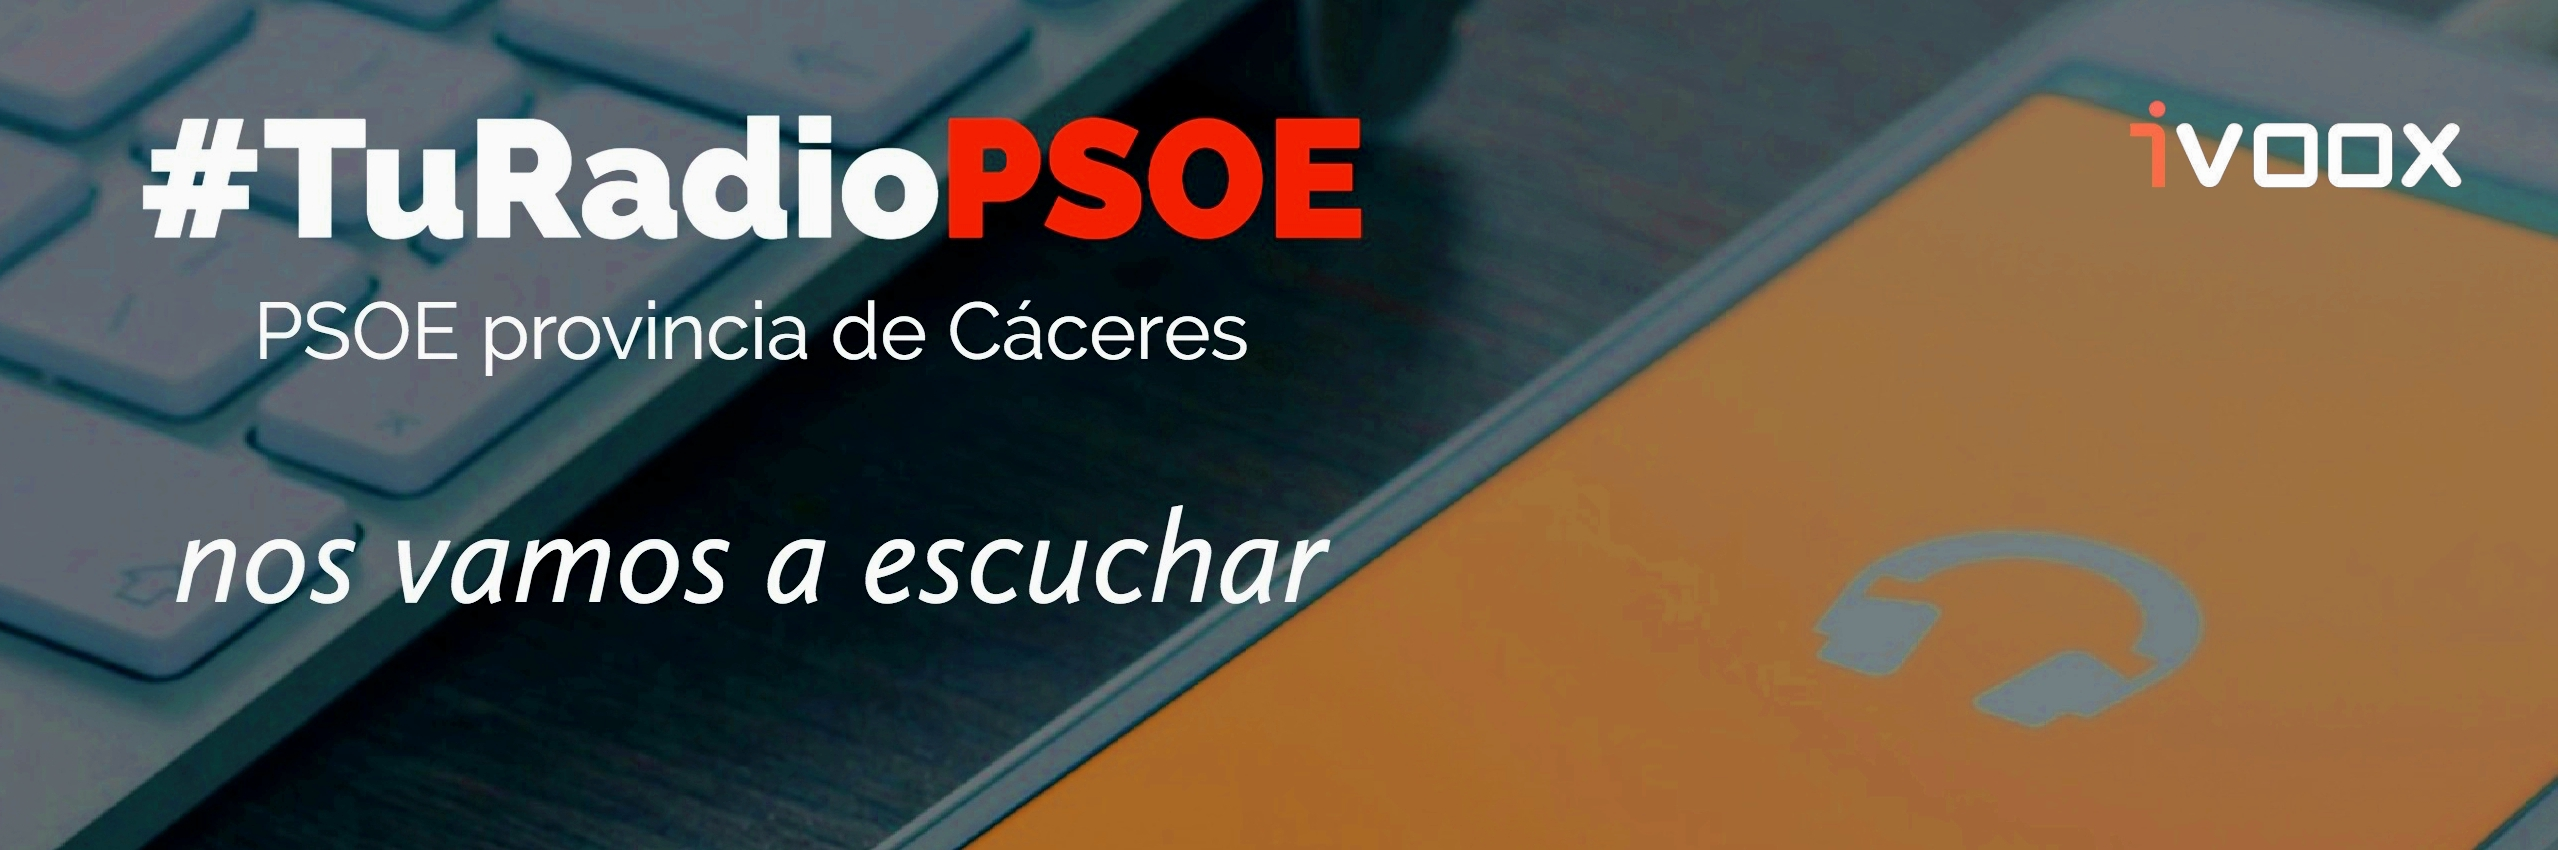 Ivoox PSOE Cáceres